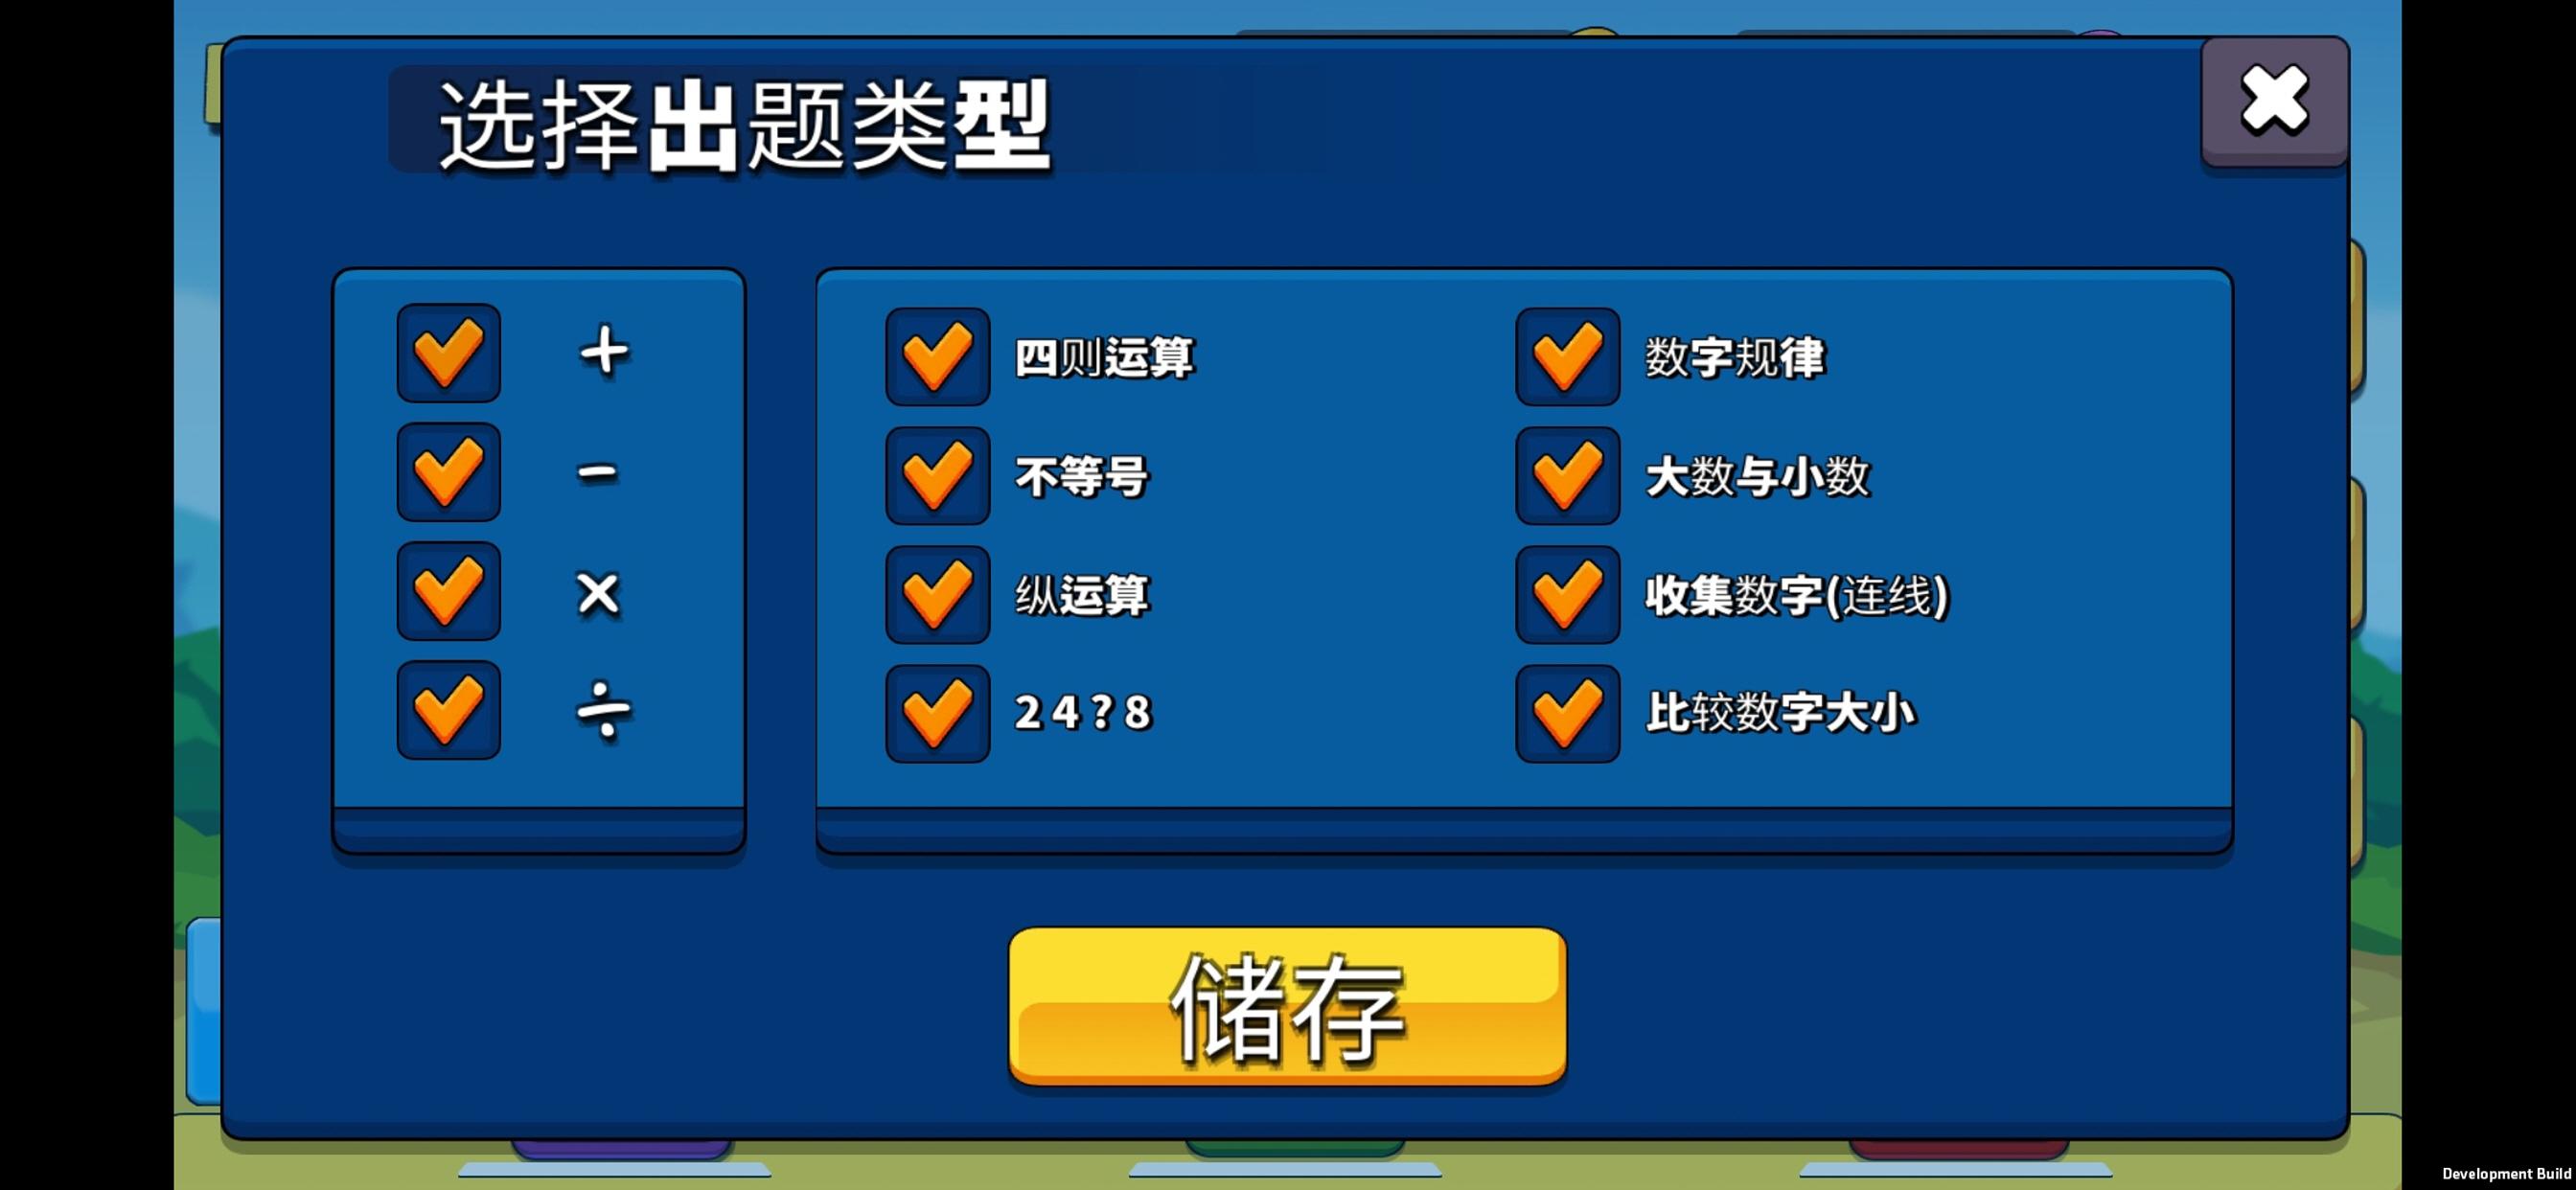 Screenshot 5: 数学射击游戏 : 为孩子们学习数学